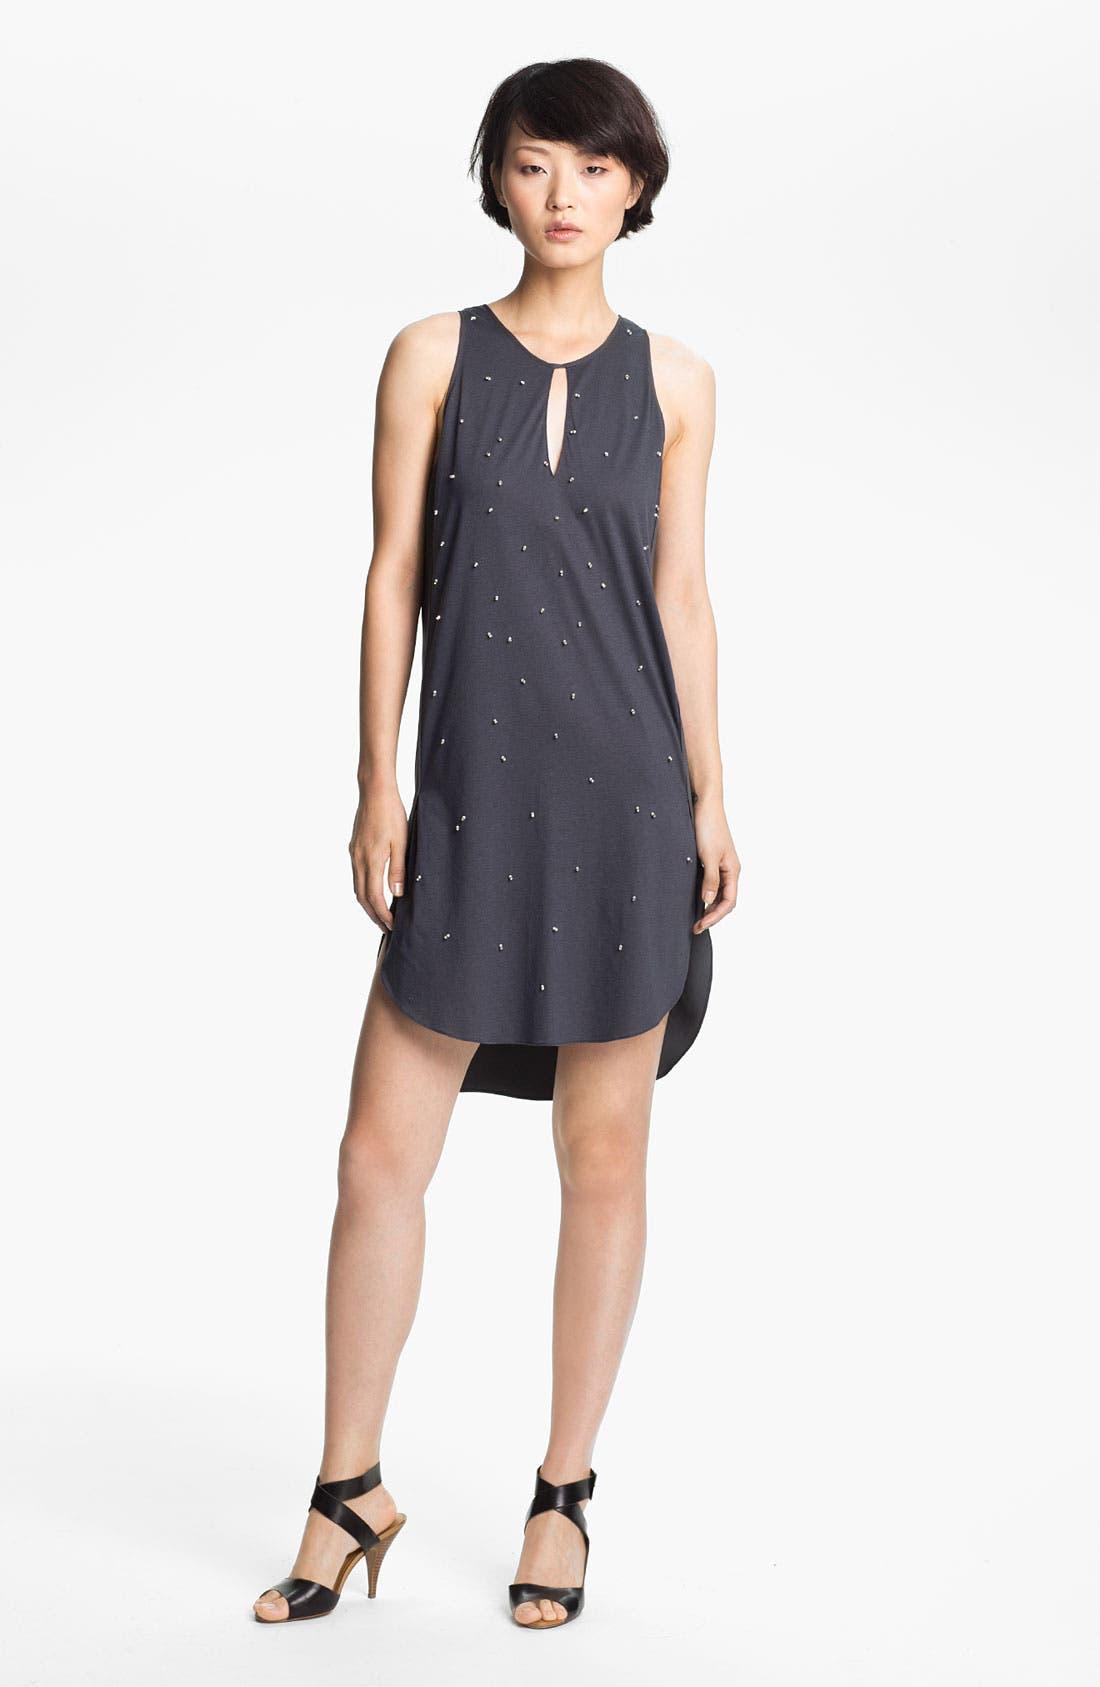 Alternate Image 1 Selected - 3.1 Phillip Lim Embellished T-Shirt Dress